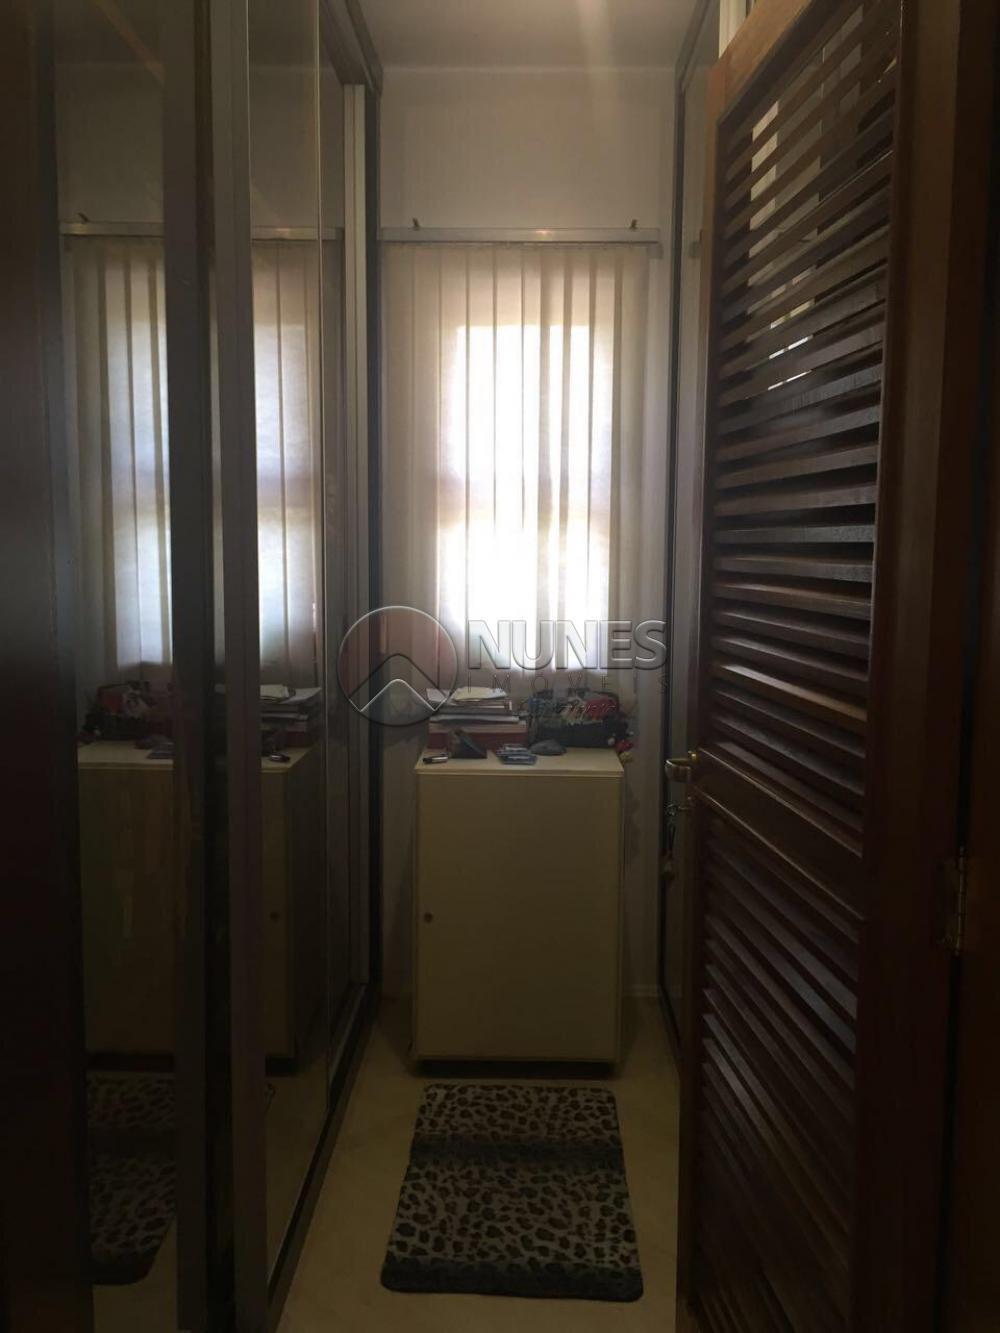 Comprar Casa / Cond.fechado em Barueri apenas R$ 1.950.000,00 - Foto 18